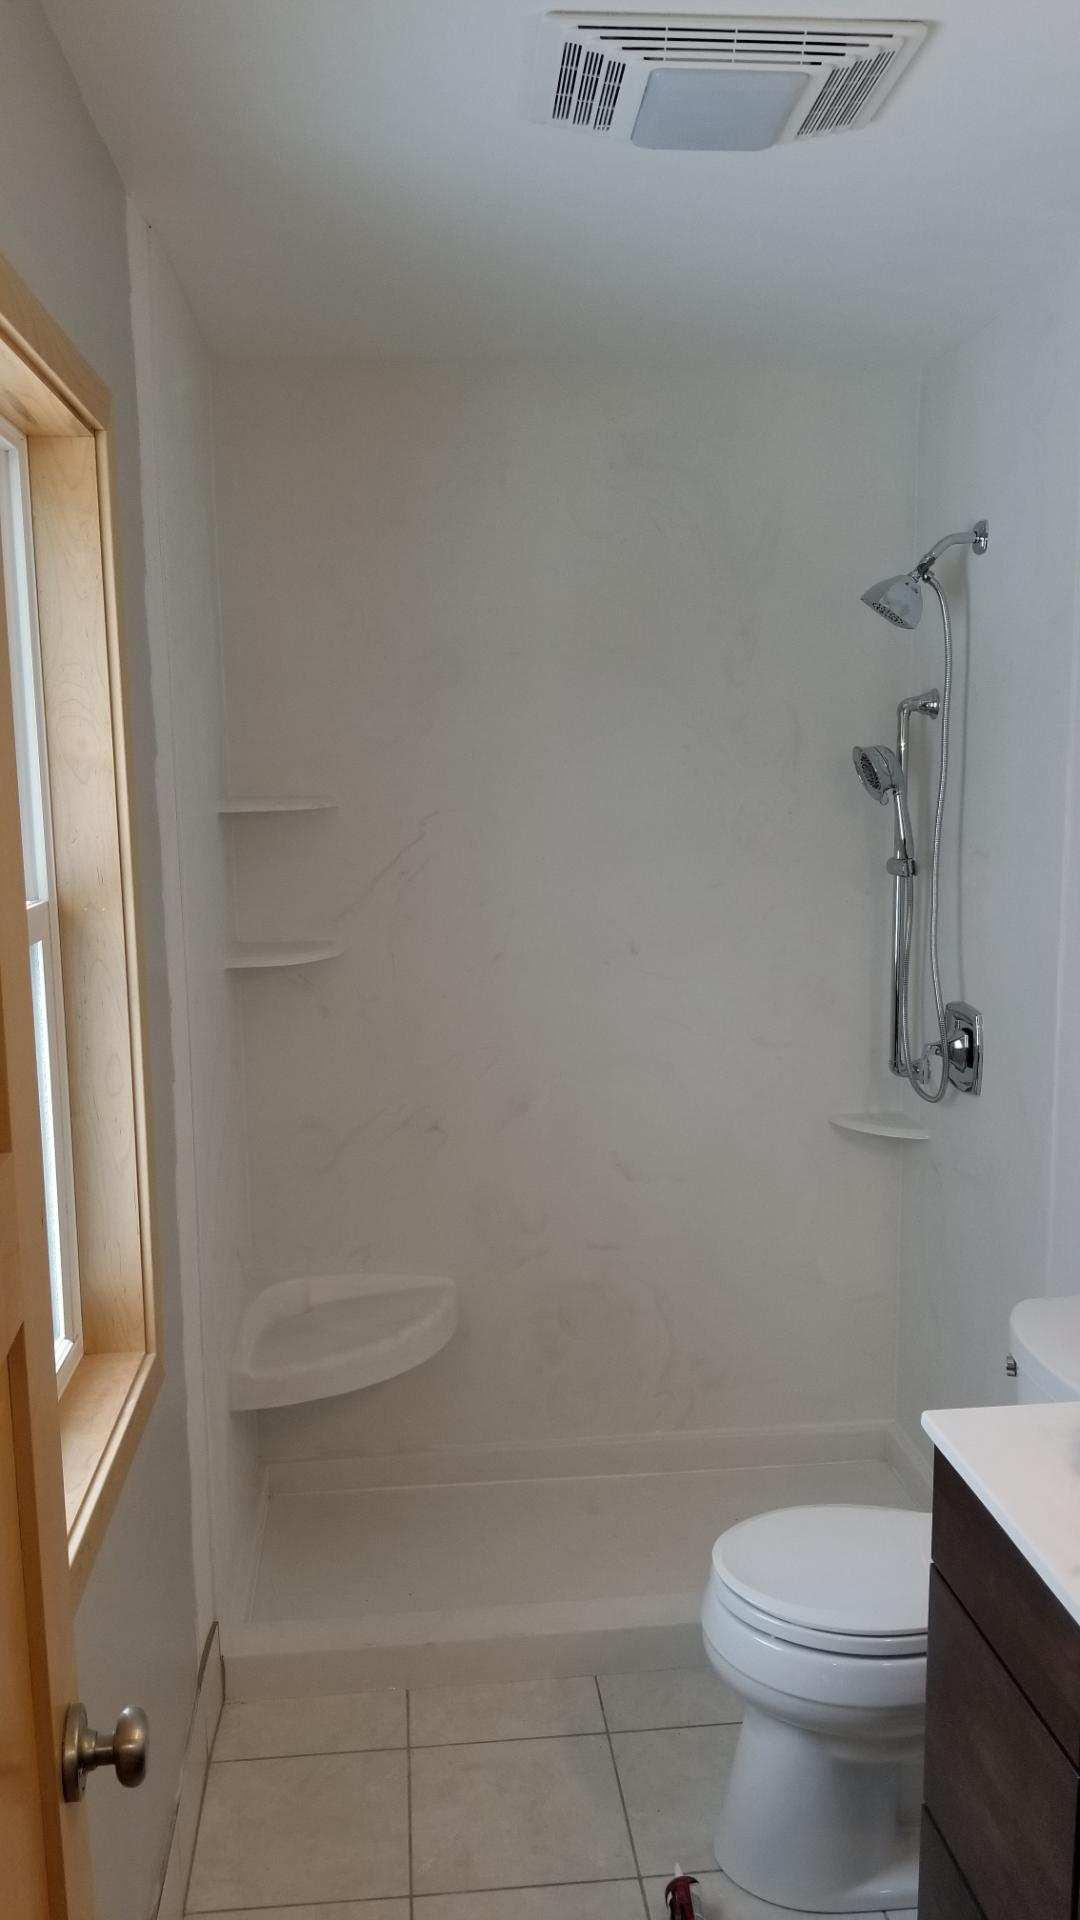 185 Shower.jpg